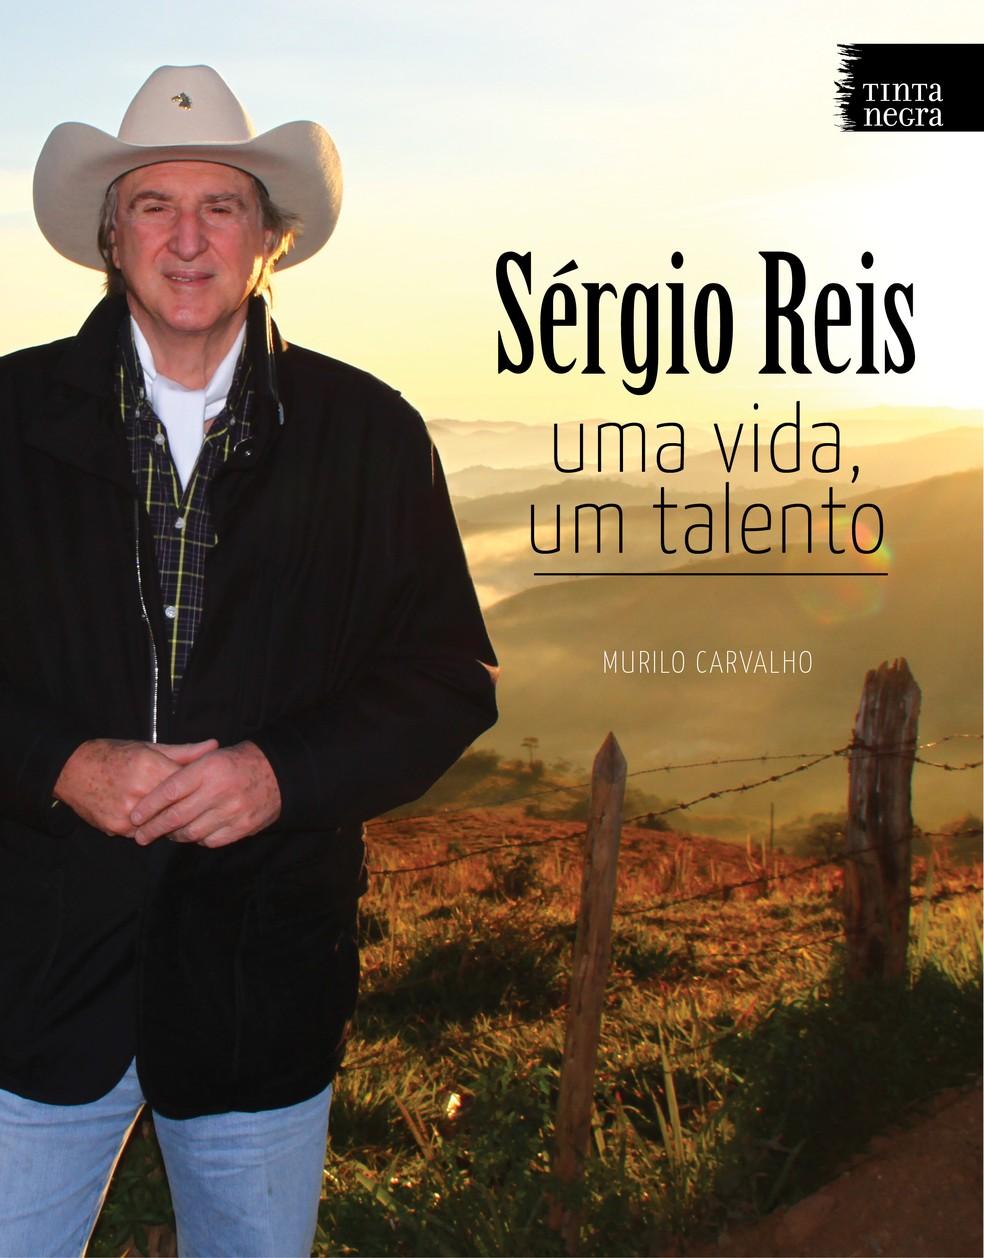 Capa do livro 'Sérgio Reis - Uma vida, um talento' — Foto: Divulgação / Tinta Negra